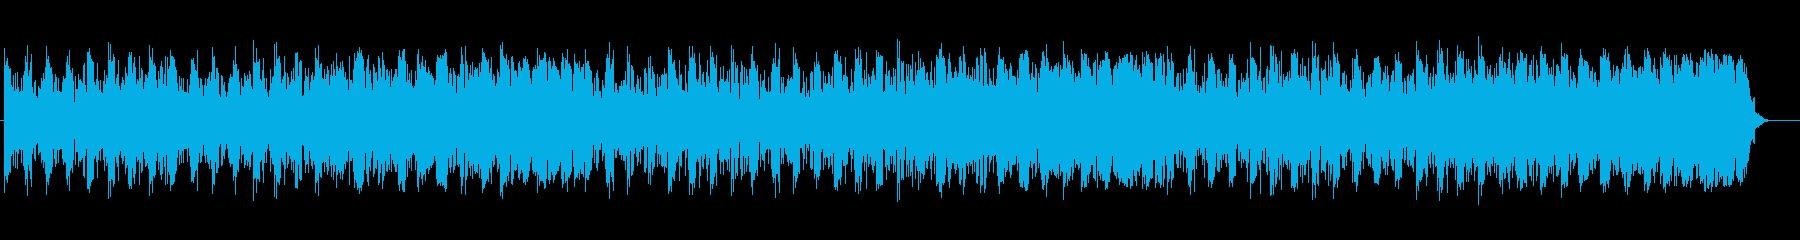 幻想的で重みのあるミュージックの再生済みの波形